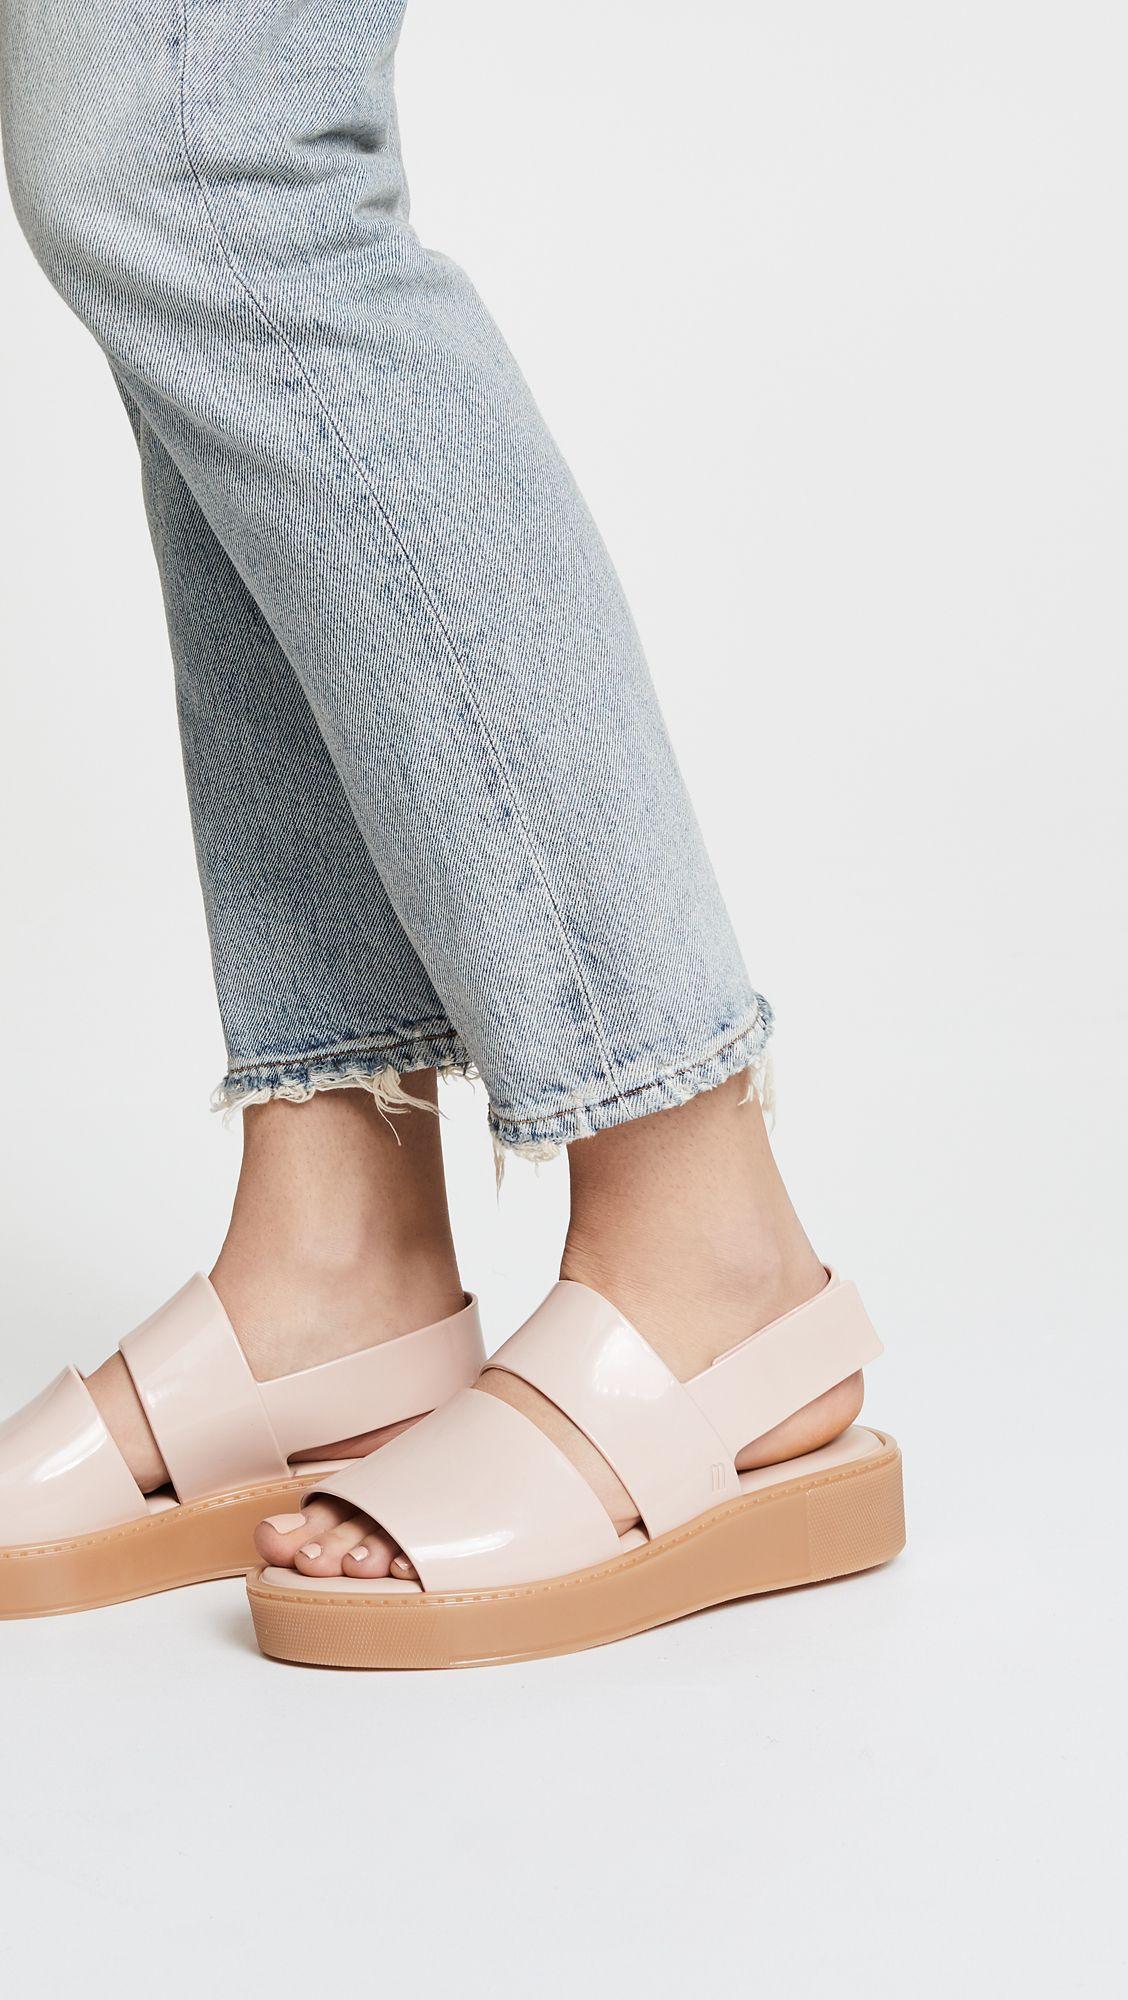 f63fe0505f3 Soho Platform Sandals | Clothes | Sandals, Shoes, Espadrilles